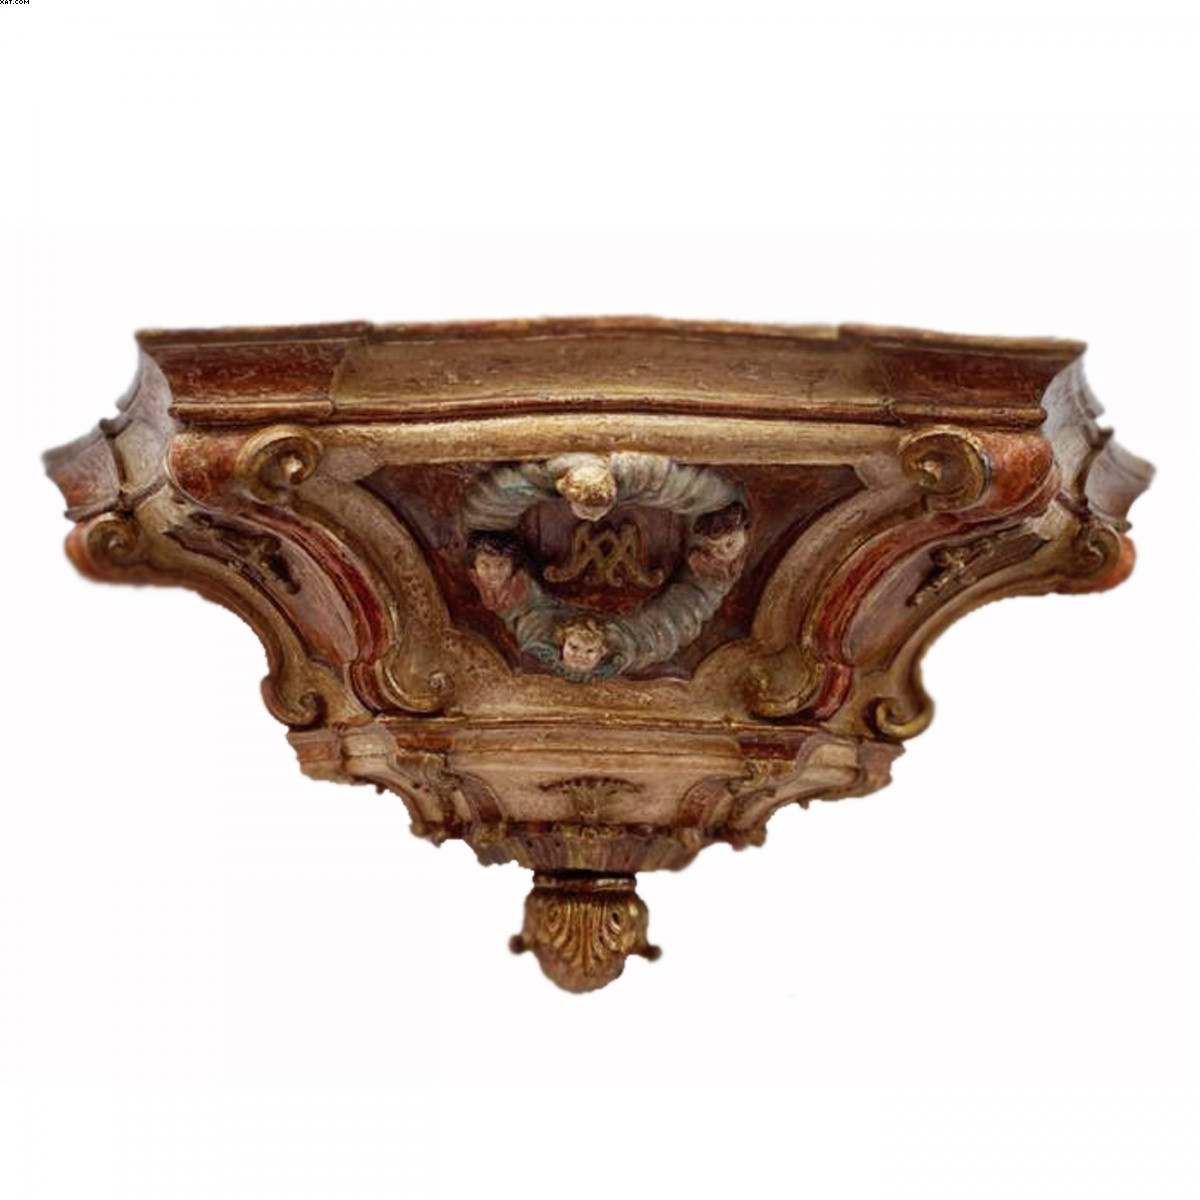 Excepcional e rara base de púlpito em madeira entalhada - Valentim da Fonseca e Silva - Mestre Valentim